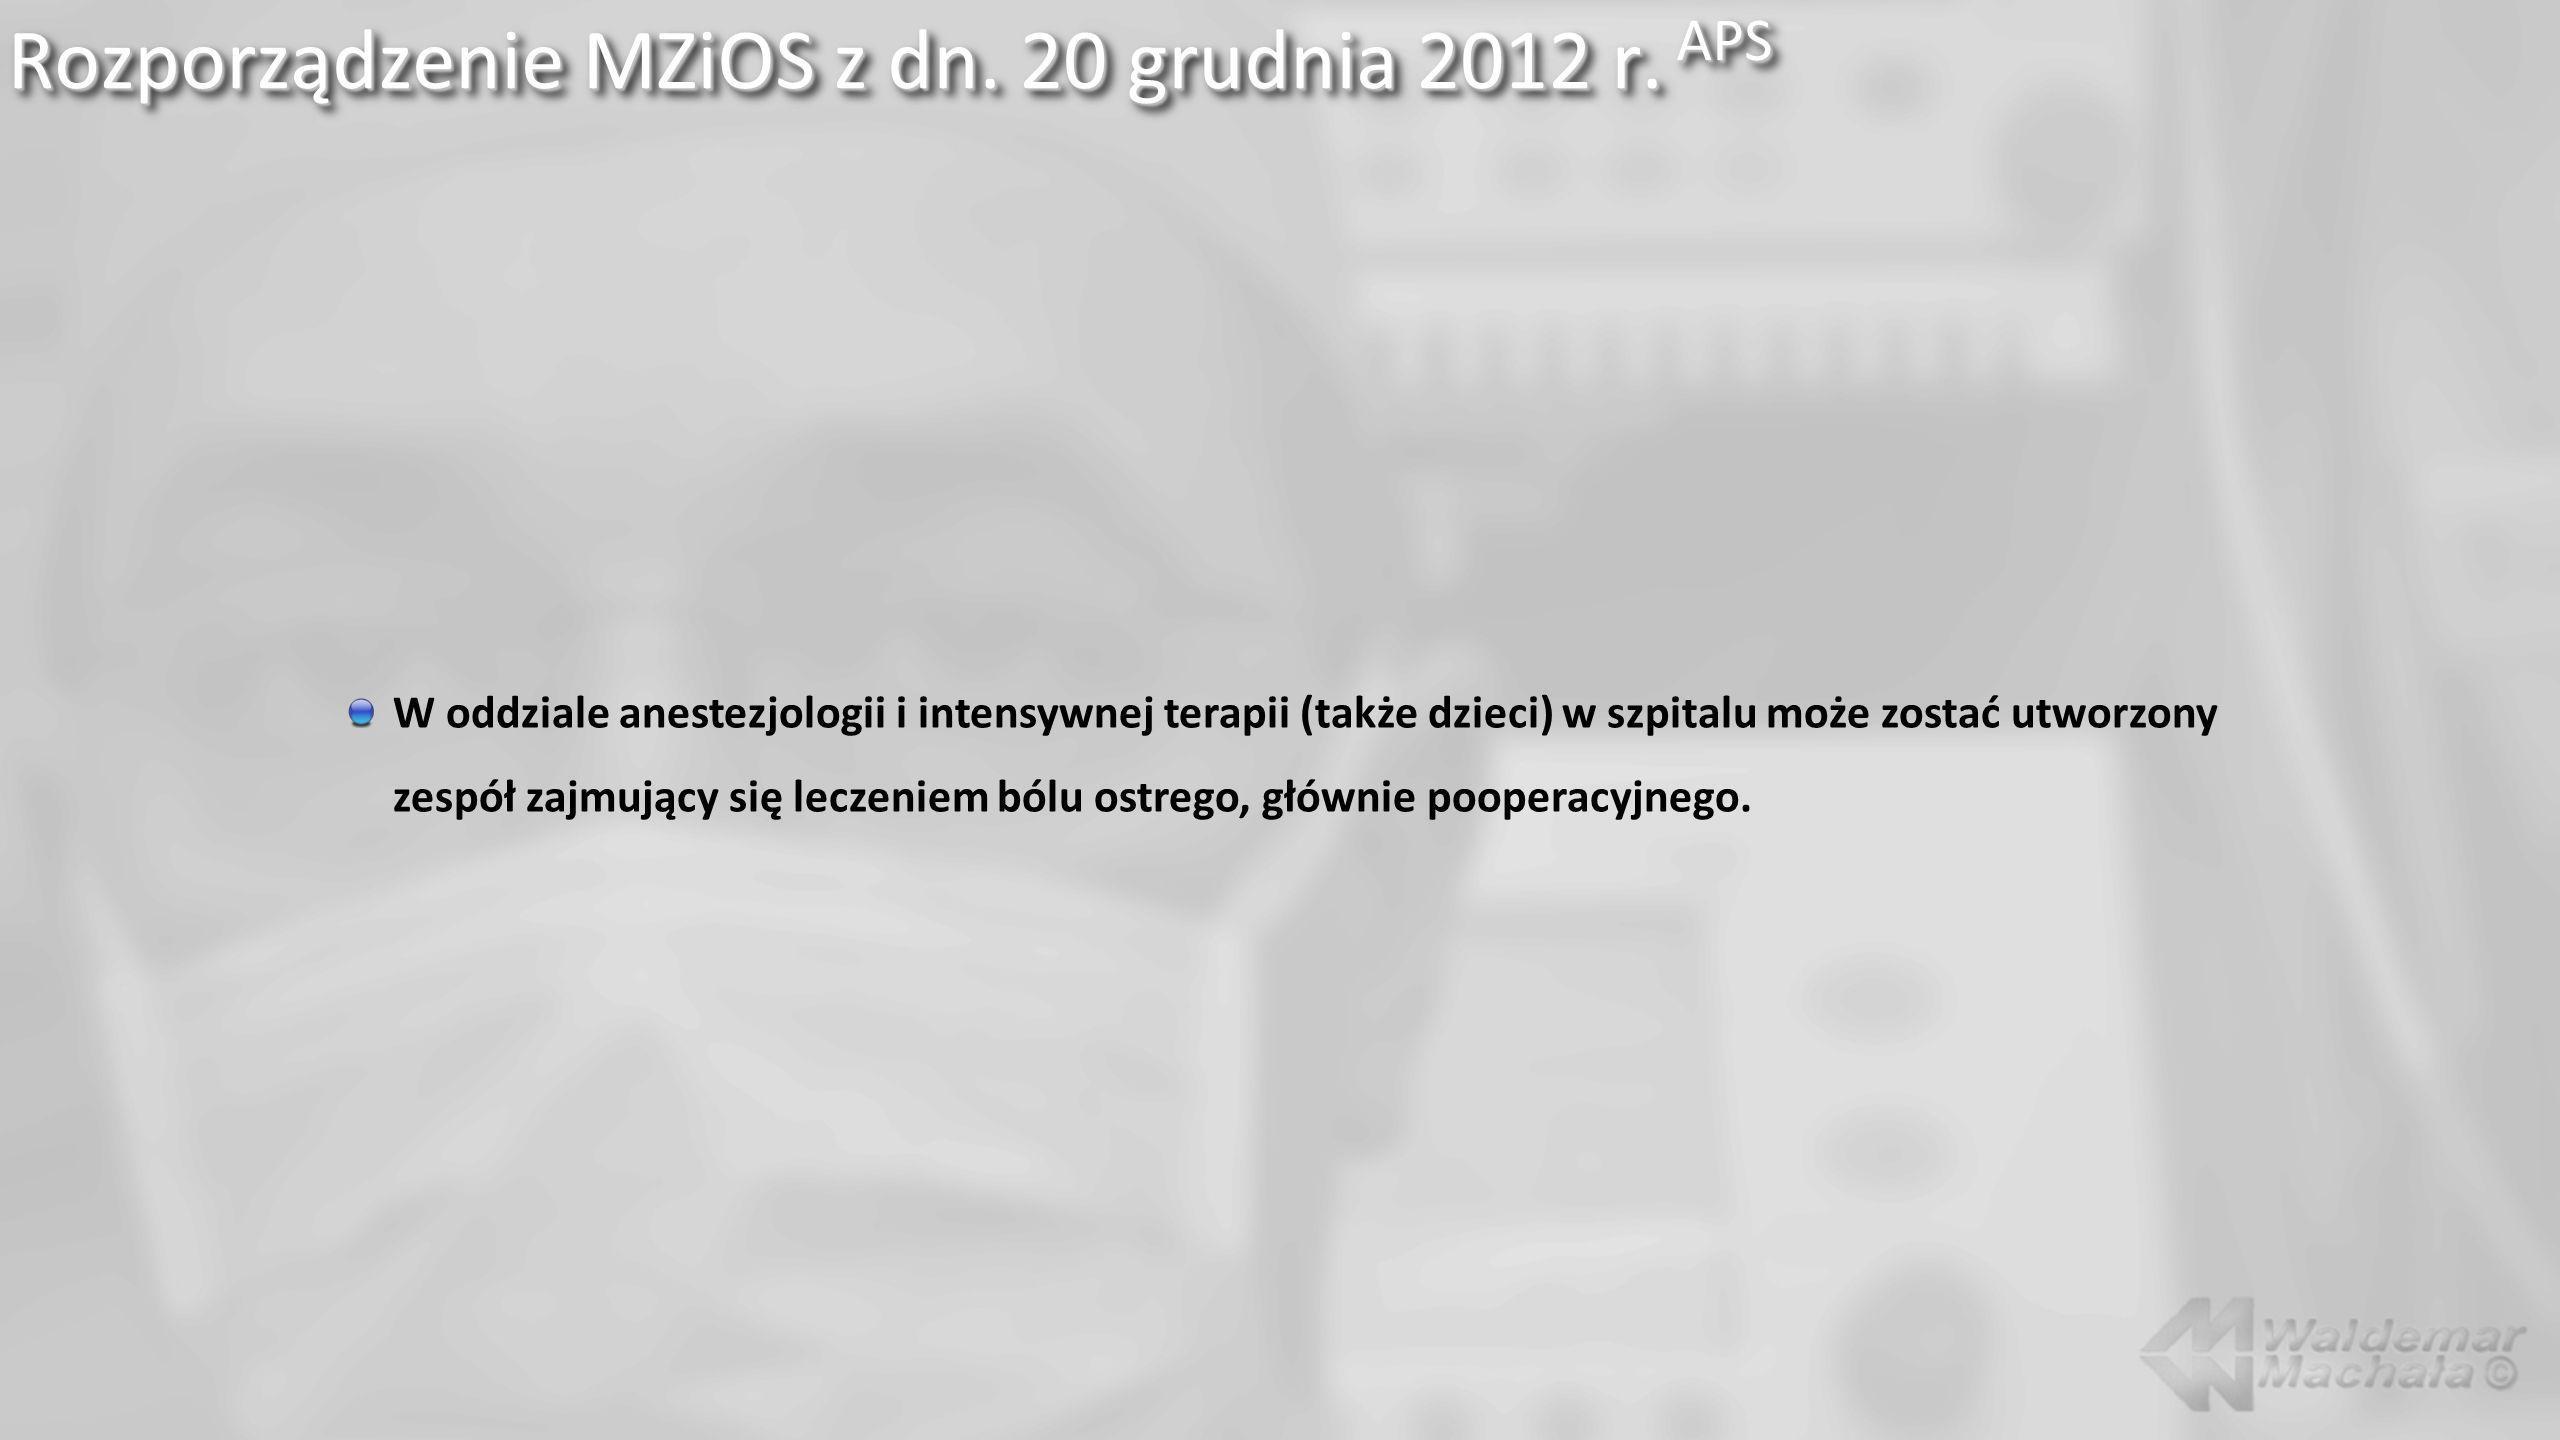 Rozporządzenie MZiOS z dn. 20 grudnia 2012 r. APS